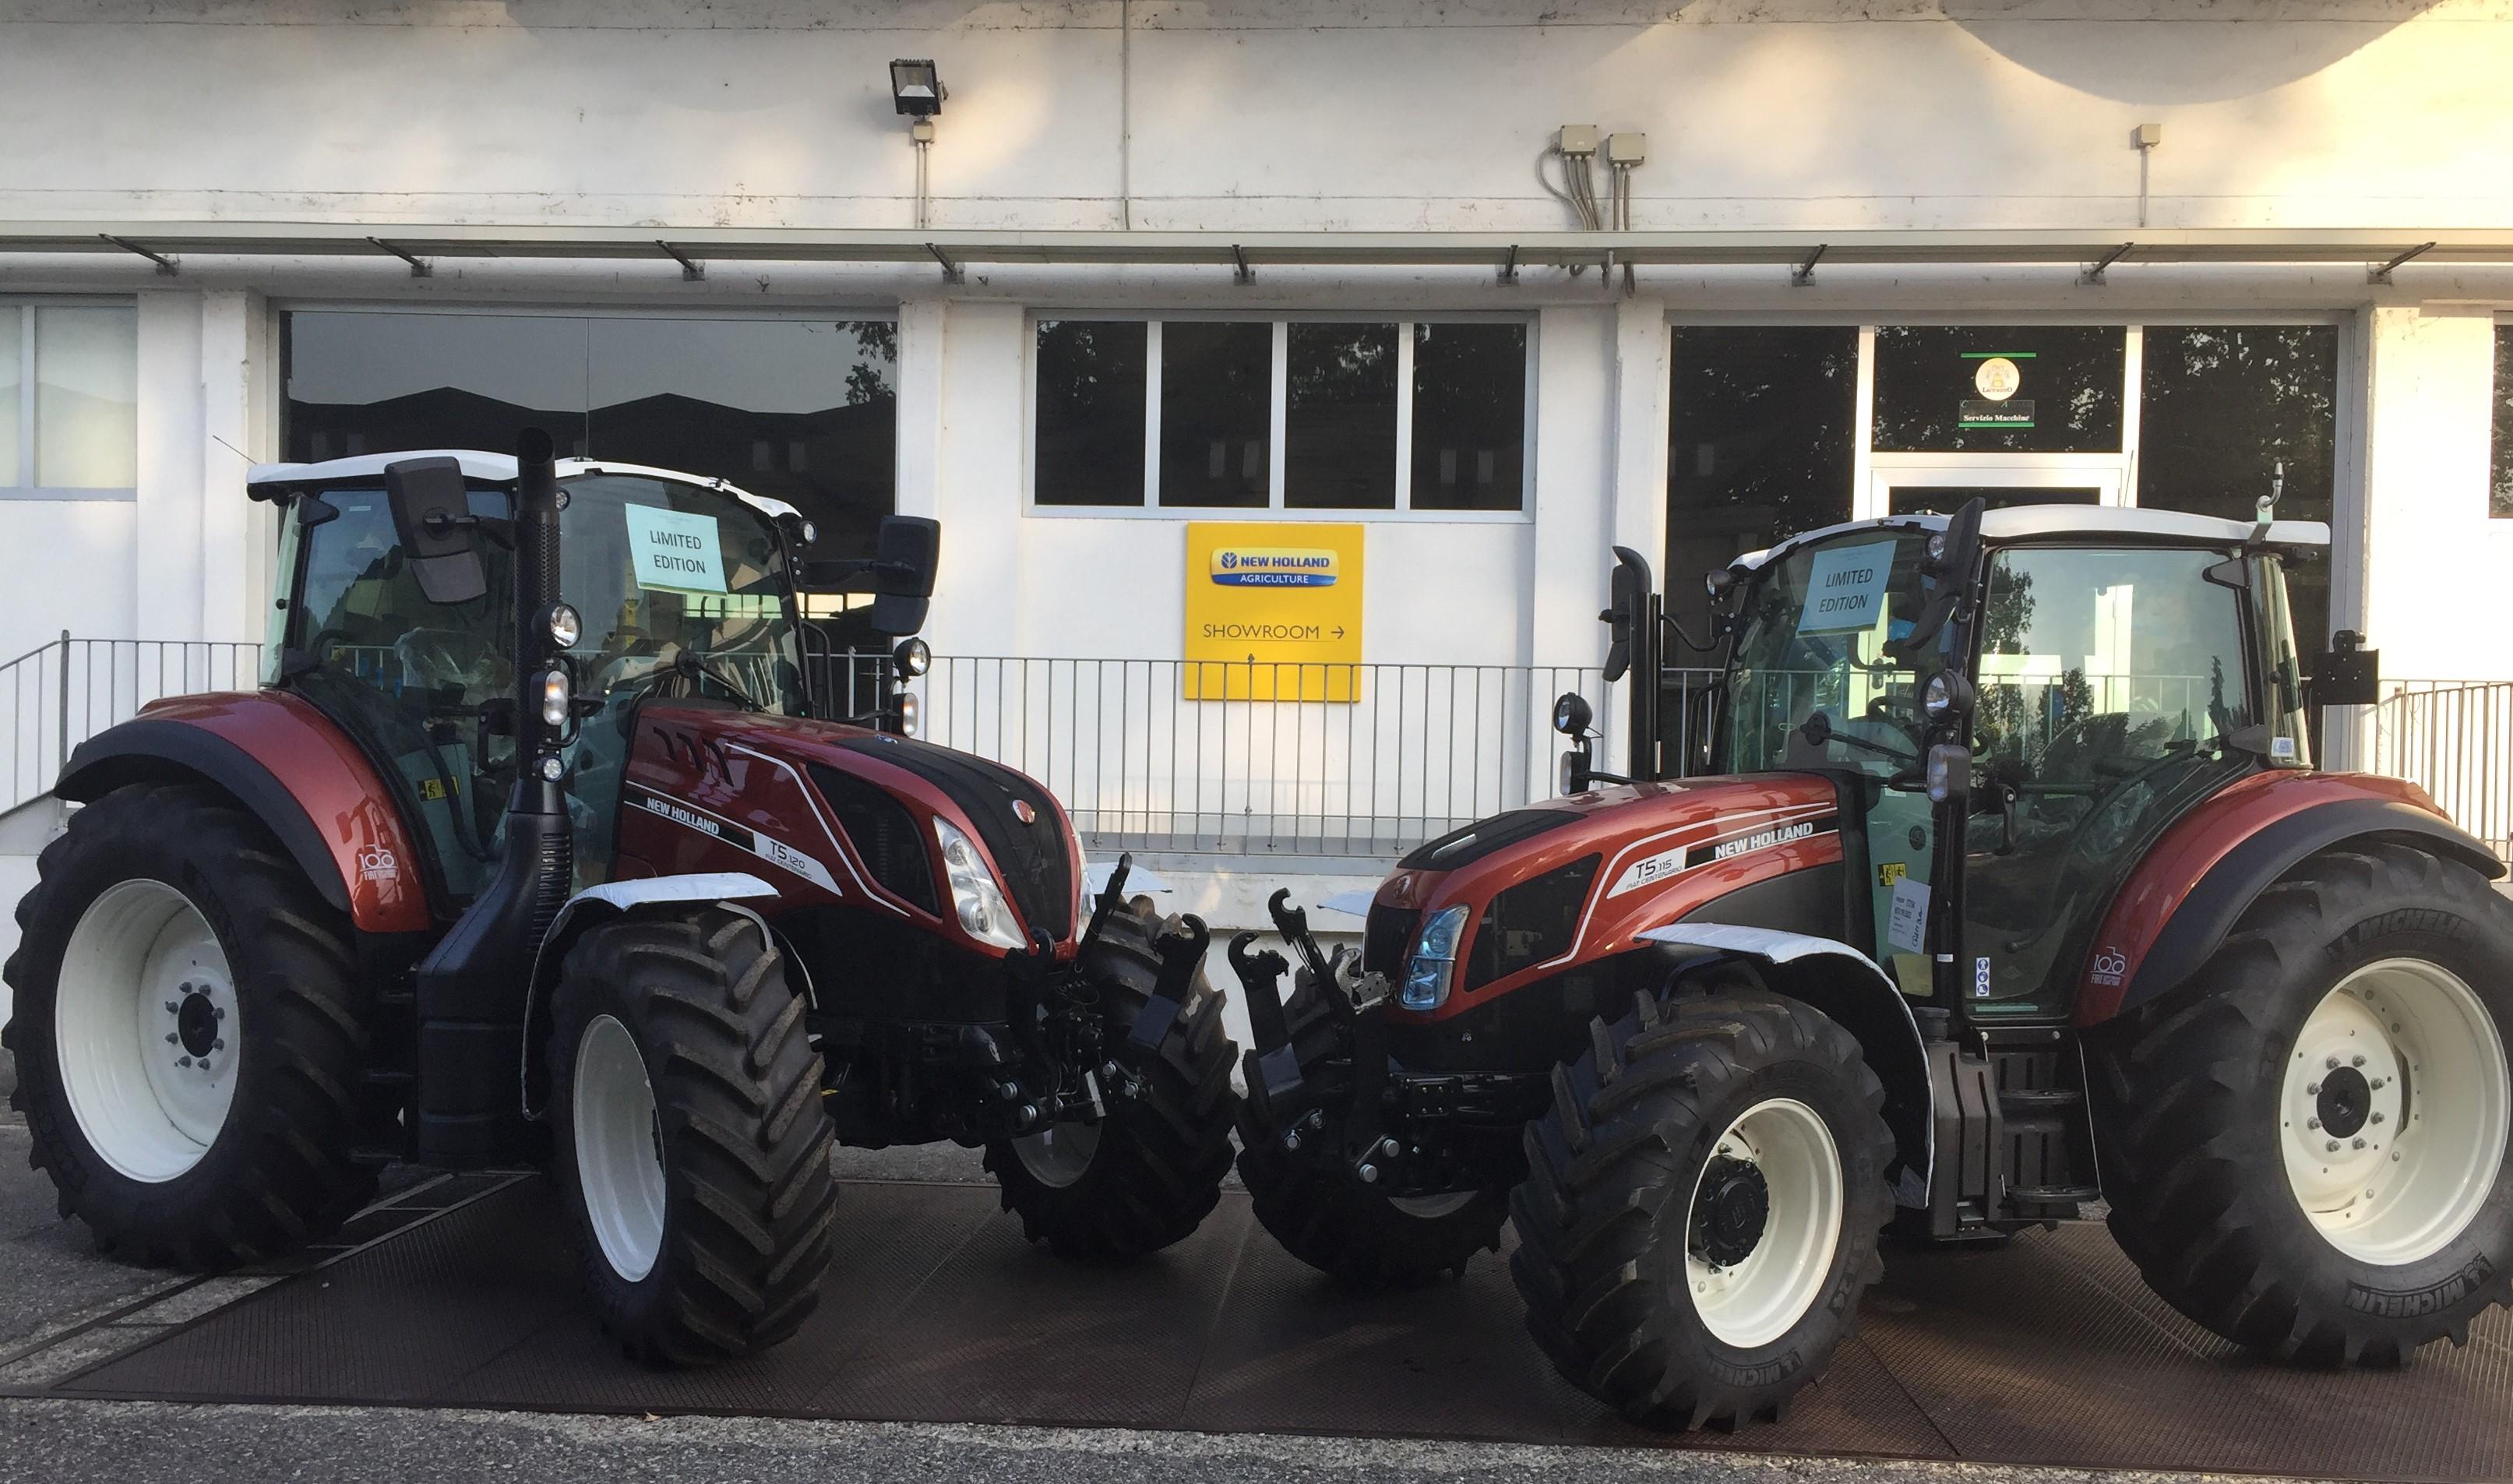 Al nostro servizio macchine sono arrivati i trattori del for Consorzio agrario cremona macchine agricole usate